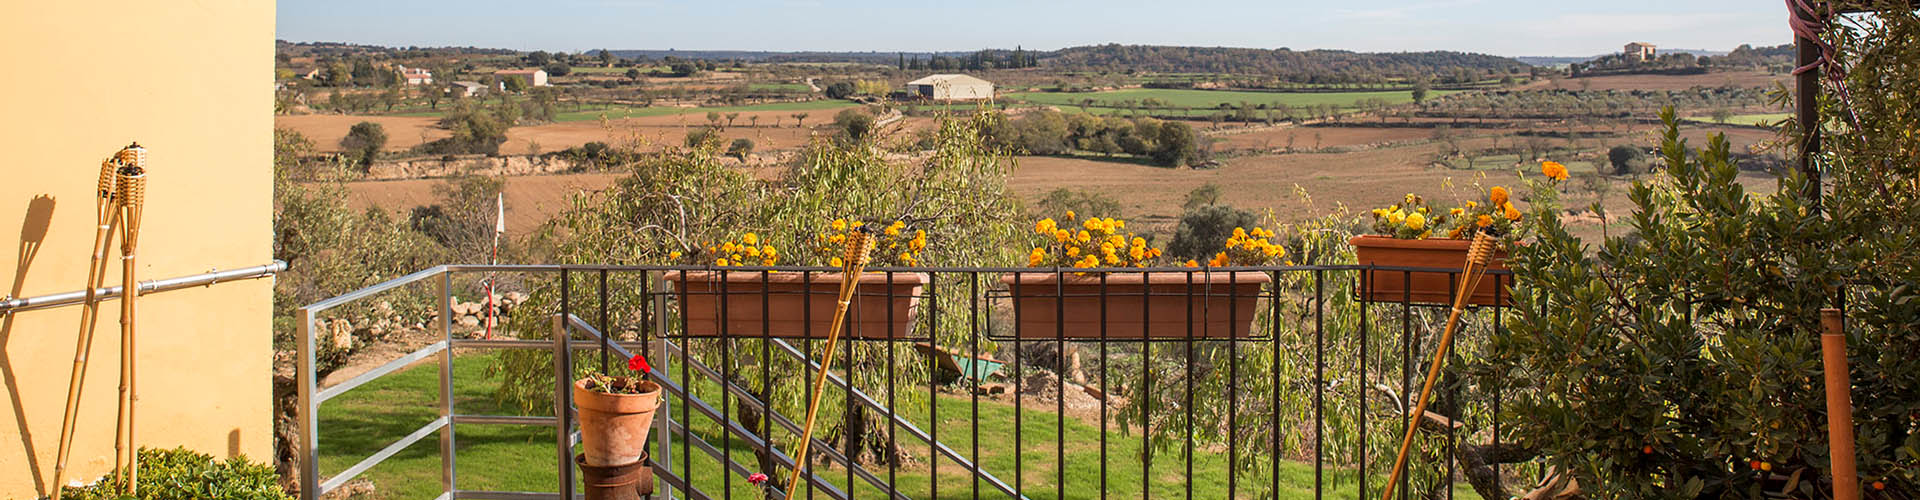 casa rural guaranatura